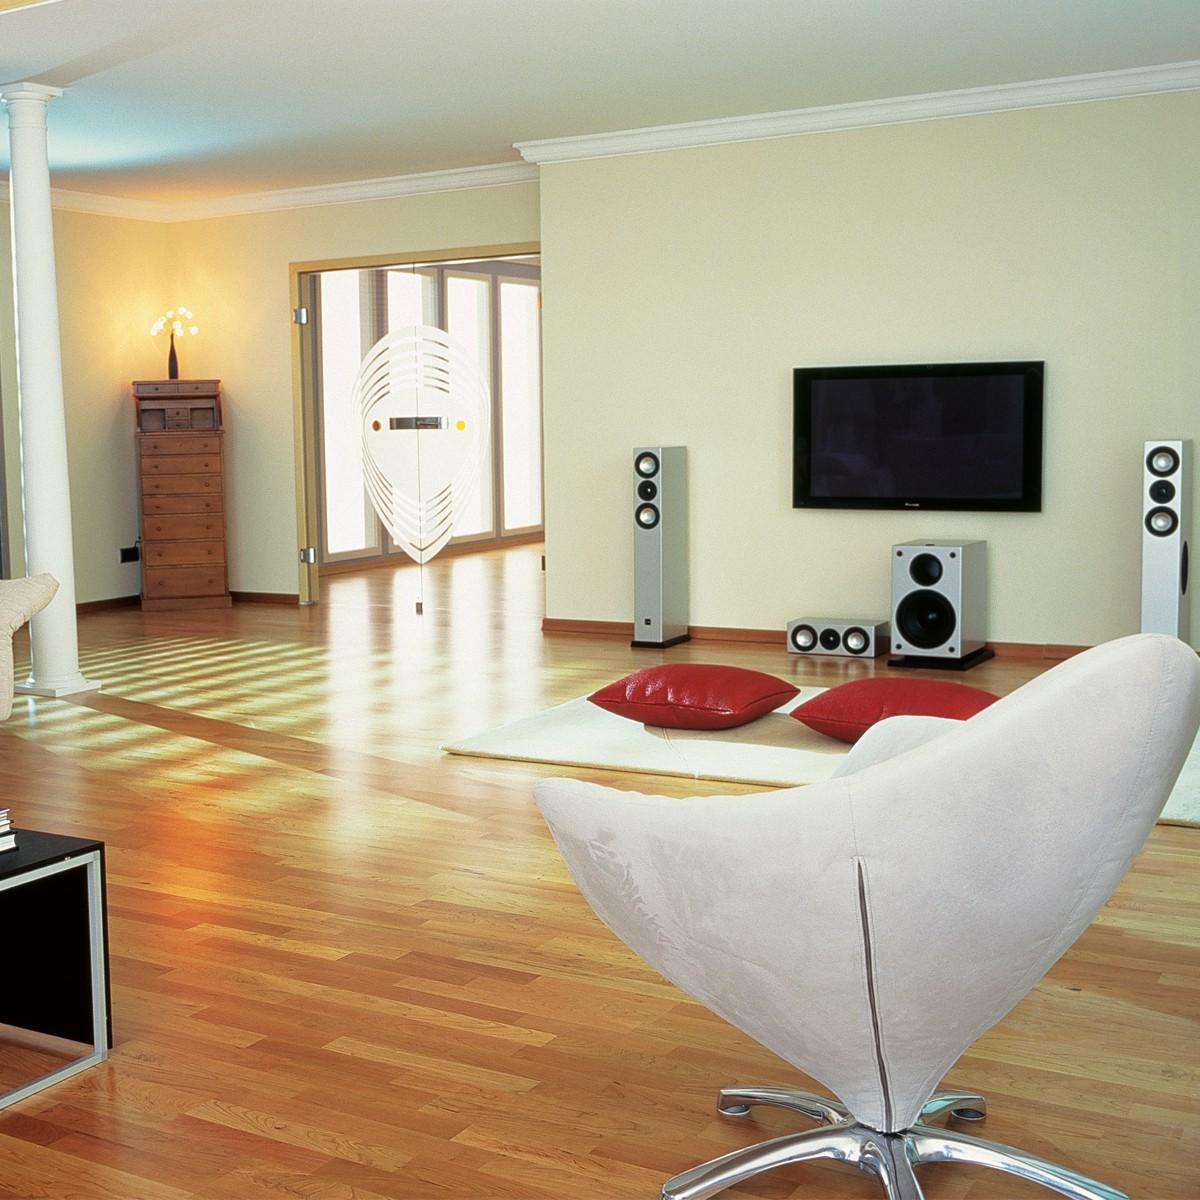 24x erfurt ecovlies ev 150 glattvlies 25x0 75m 450m. Black Bedroom Furniture Sets. Home Design Ideas